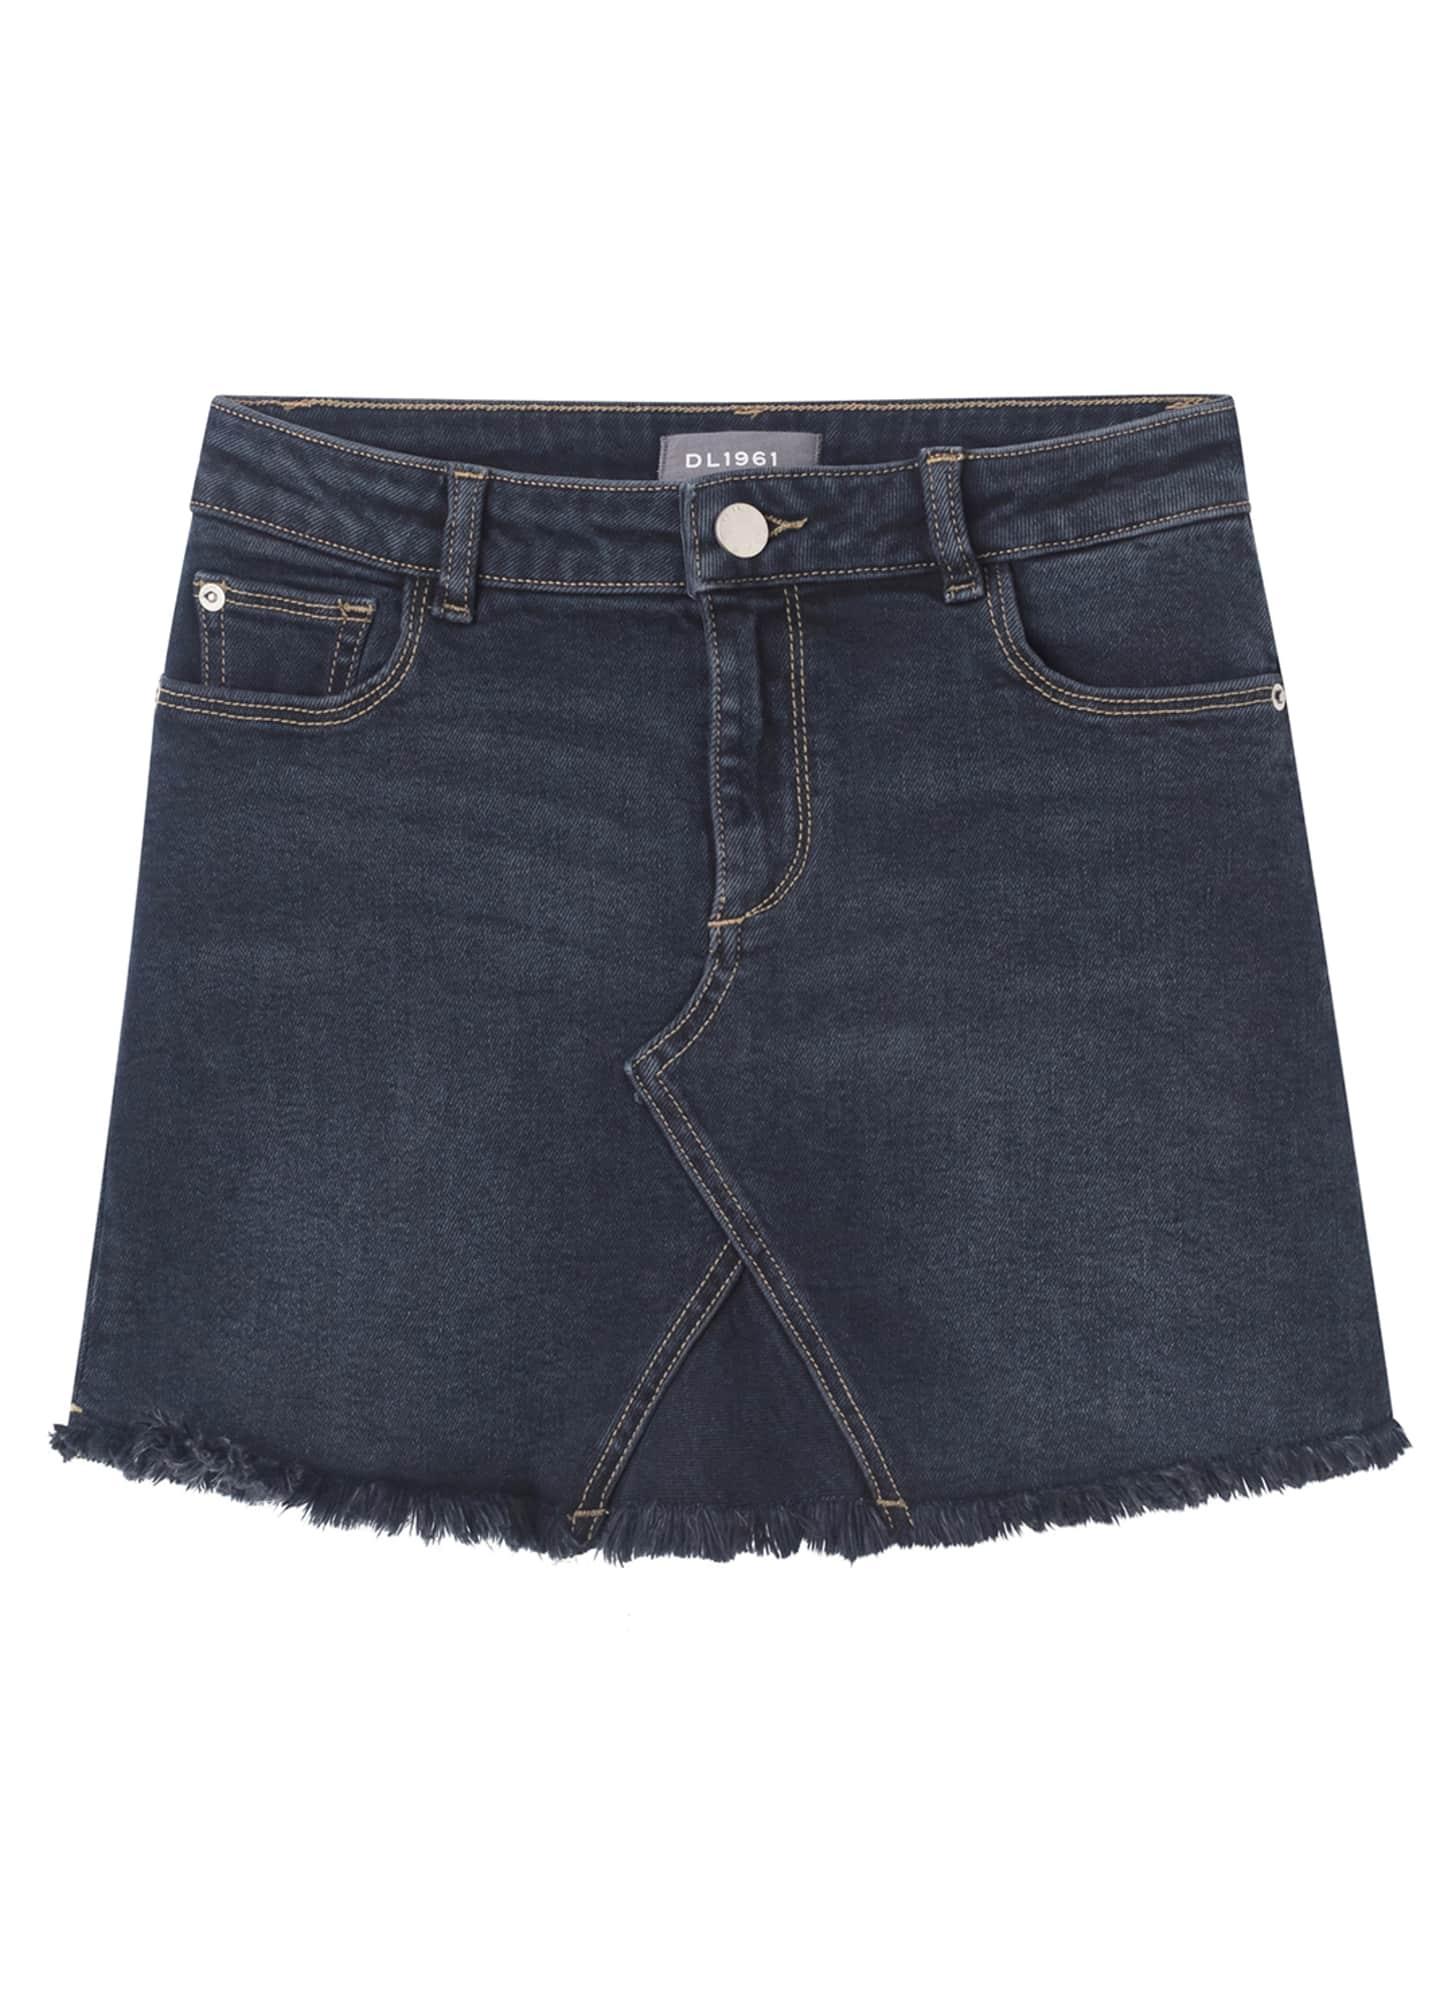 DL 1961 Jenny Raw Edge Denim Skirt, Size